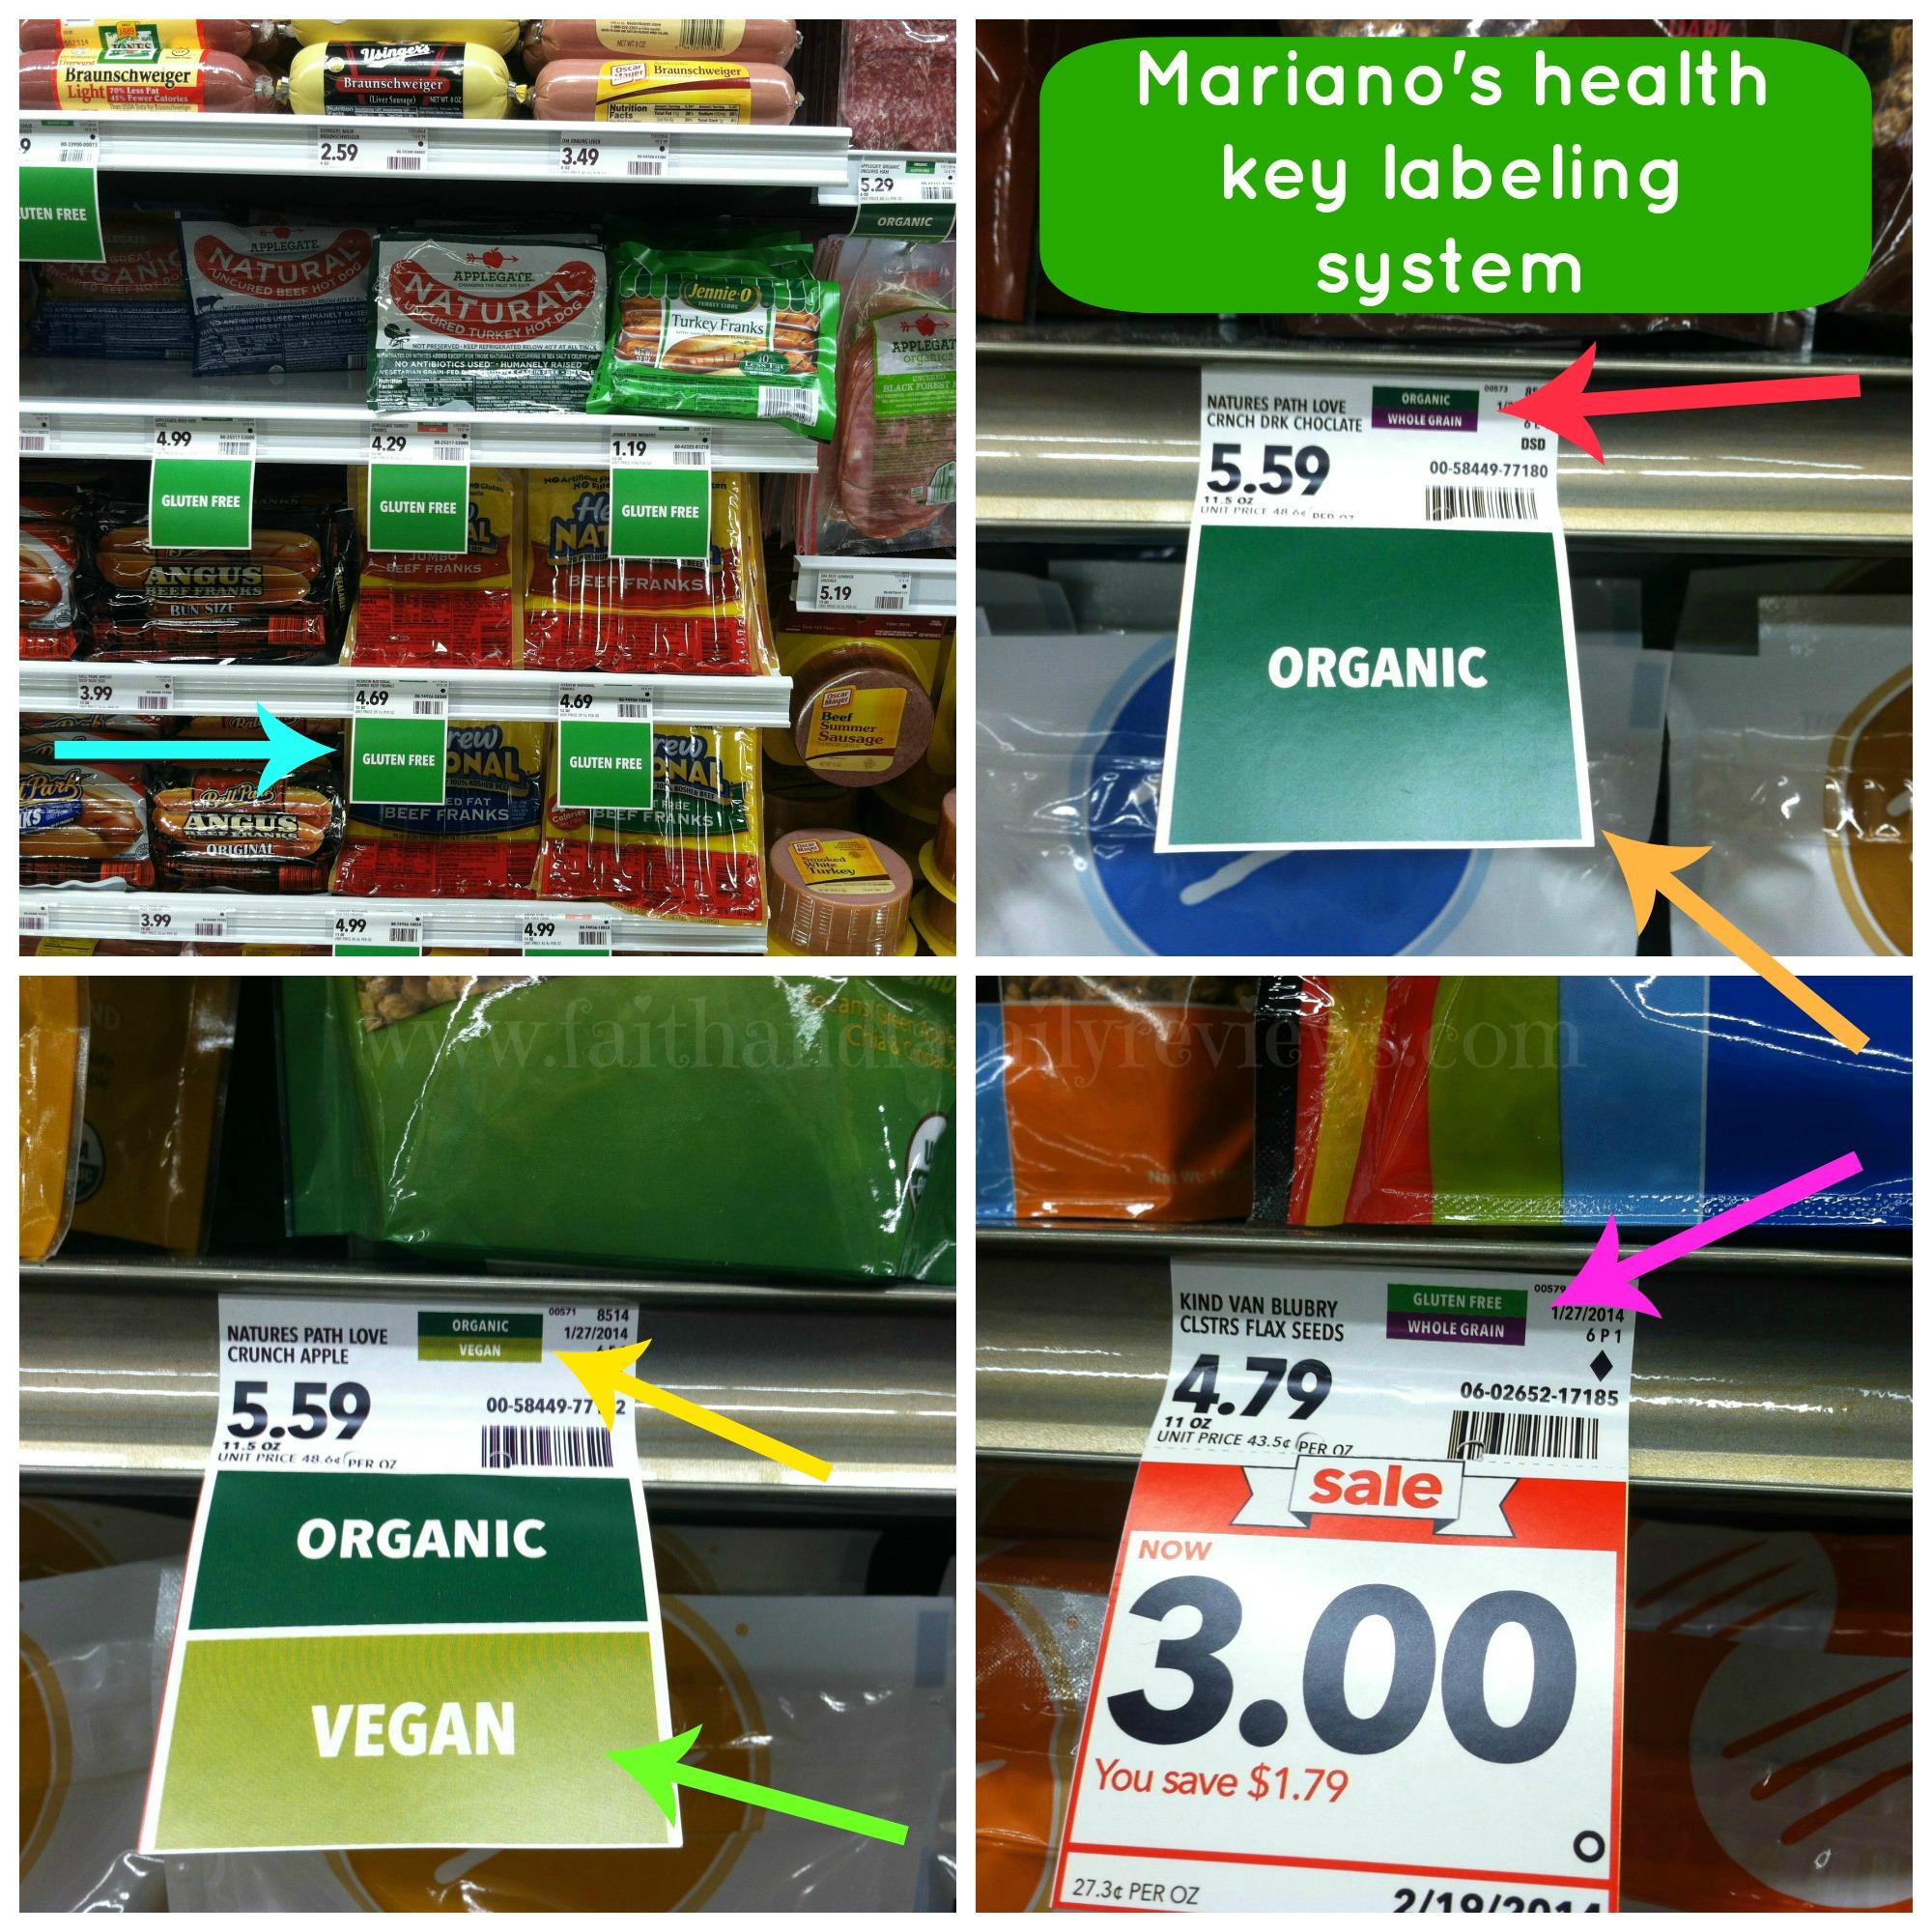 FFR Grocery Store Chicago Mariano's Lk Zurich Health Key